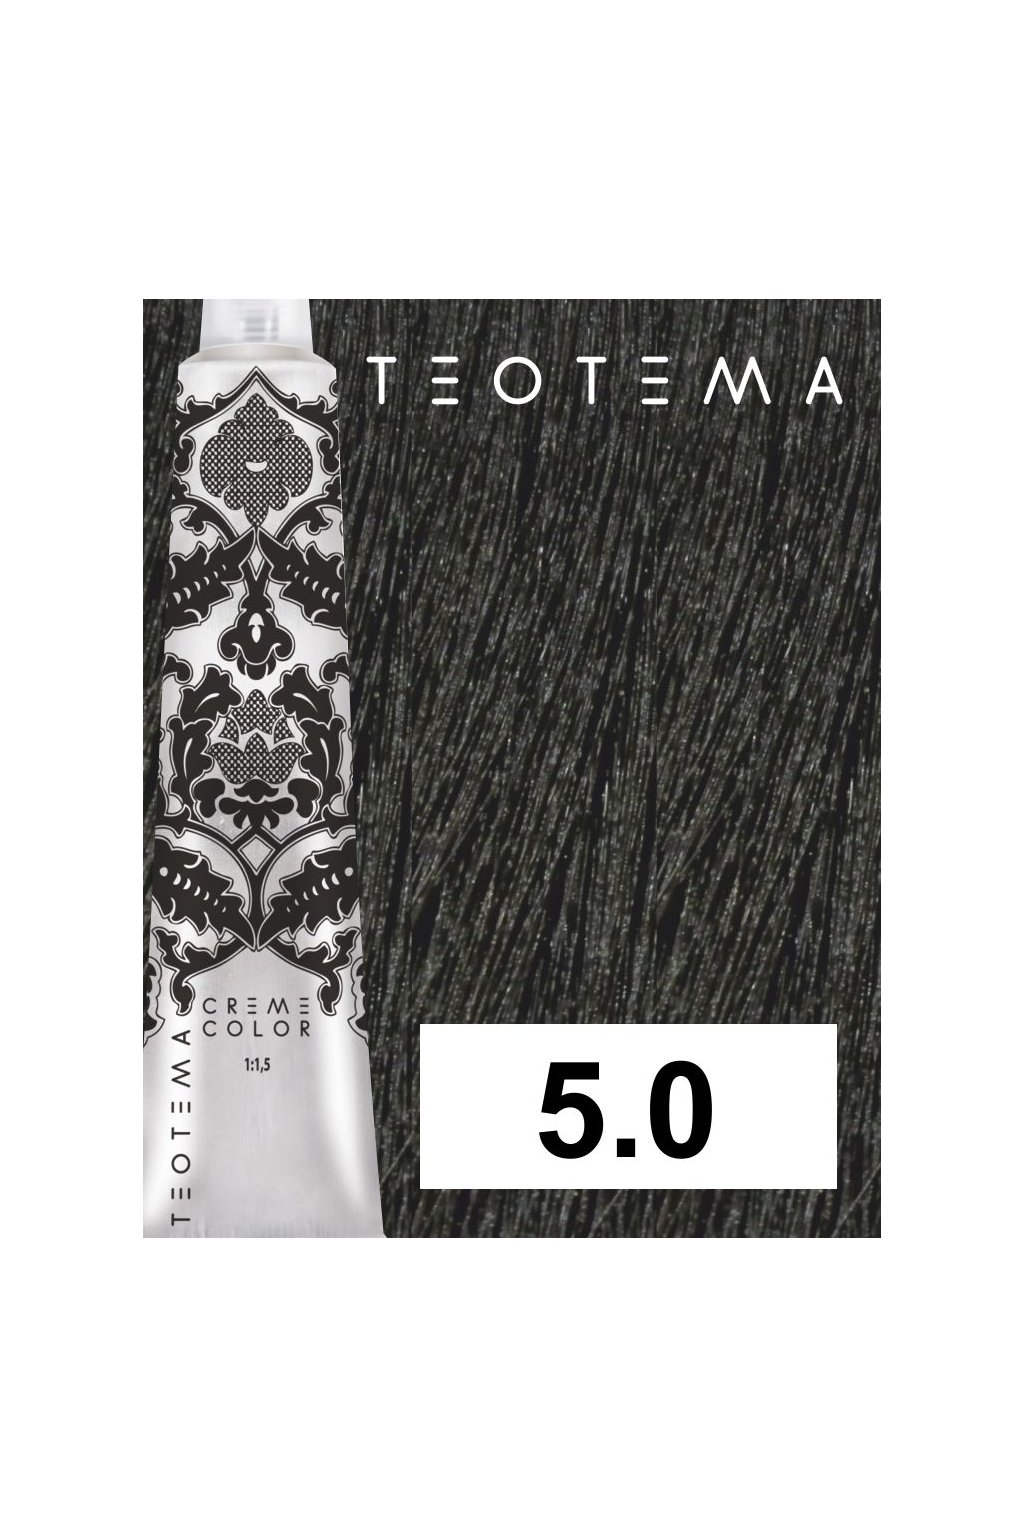 5 0 teotema